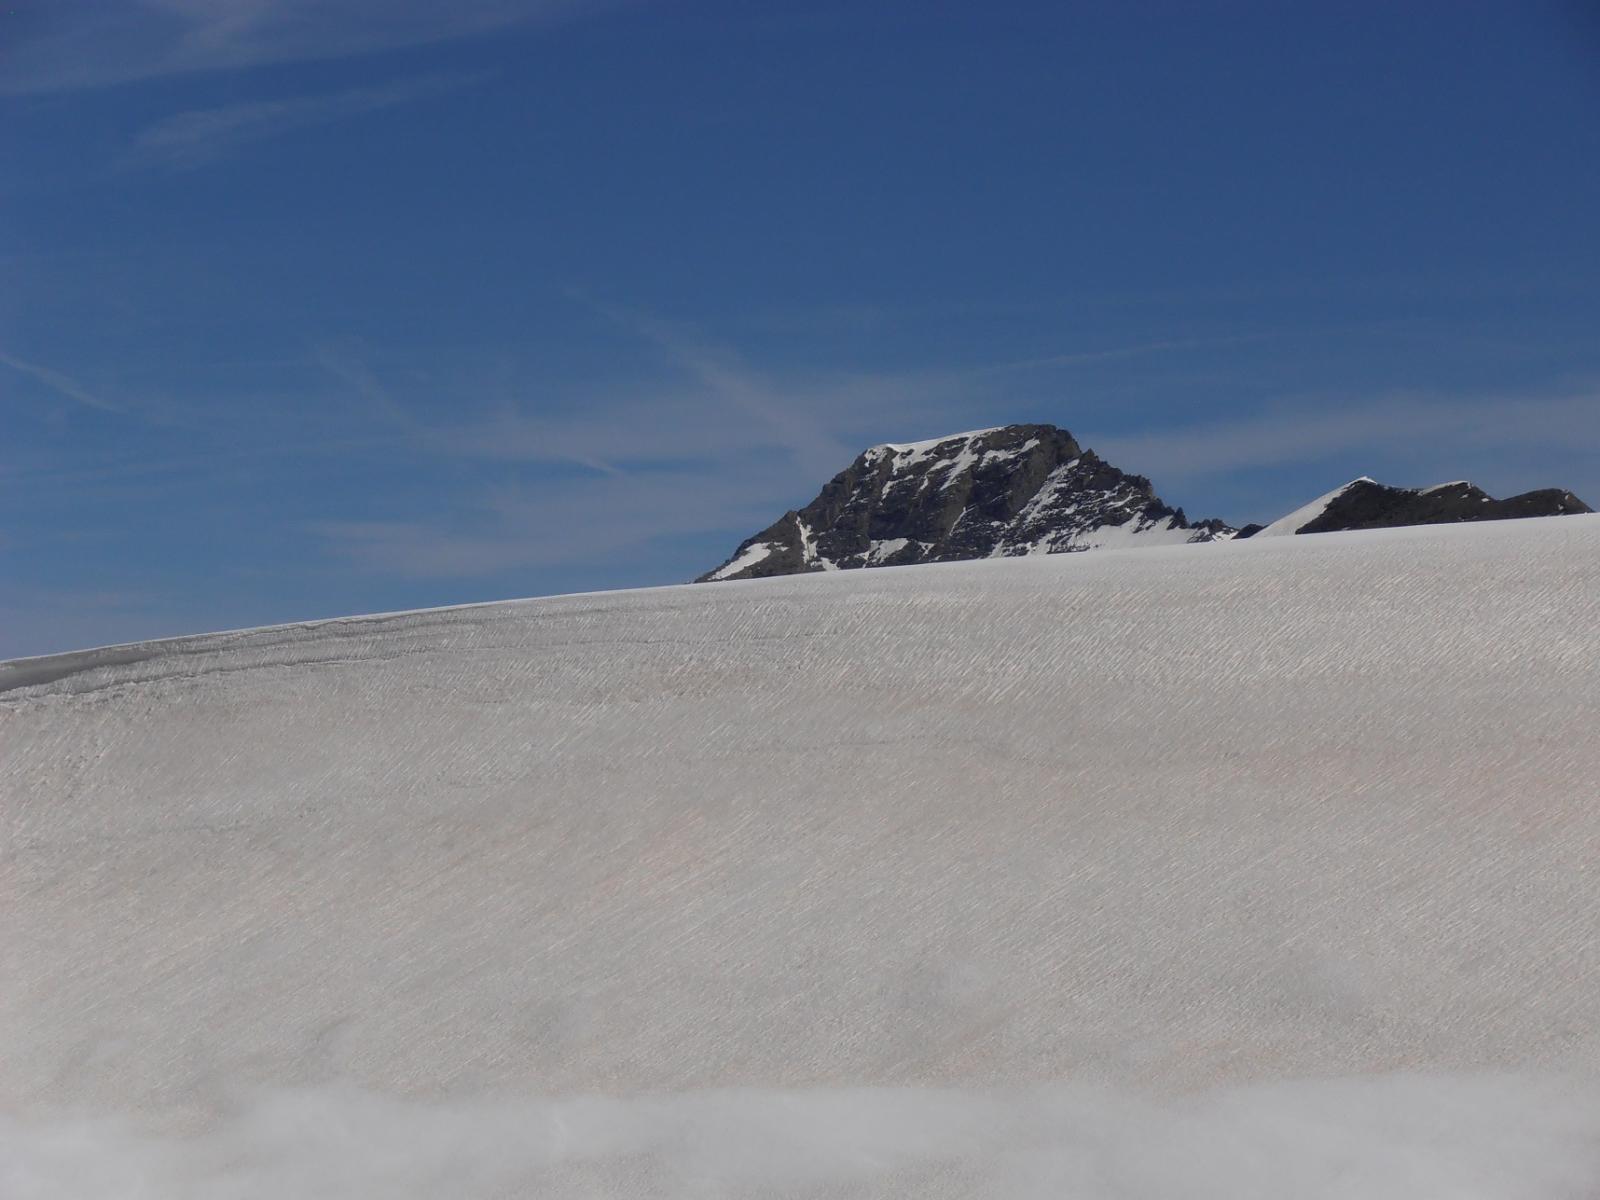 06 - Pointe du Charbonnel che sbuca dal bordo dell'ex lago glaciale